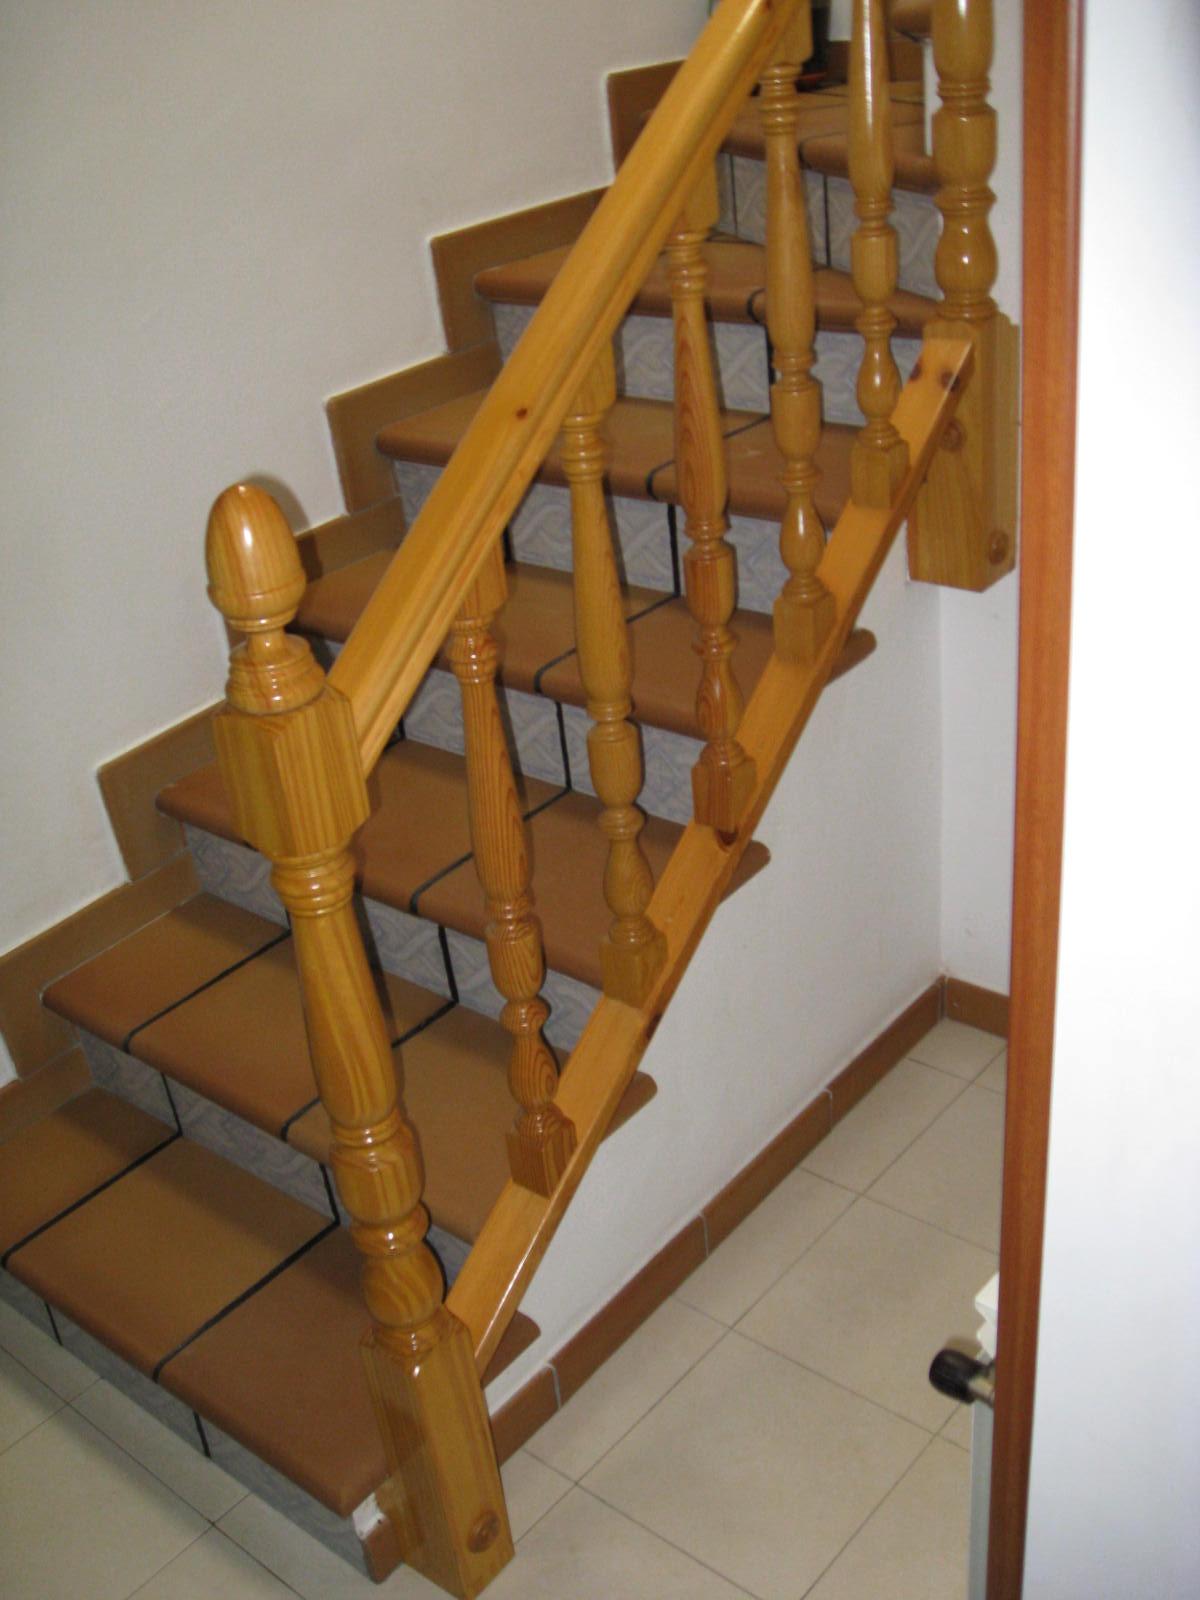 Decorar cuartos con manualidades balaustres de madera para barandas - Barandillas de madera para interior ...